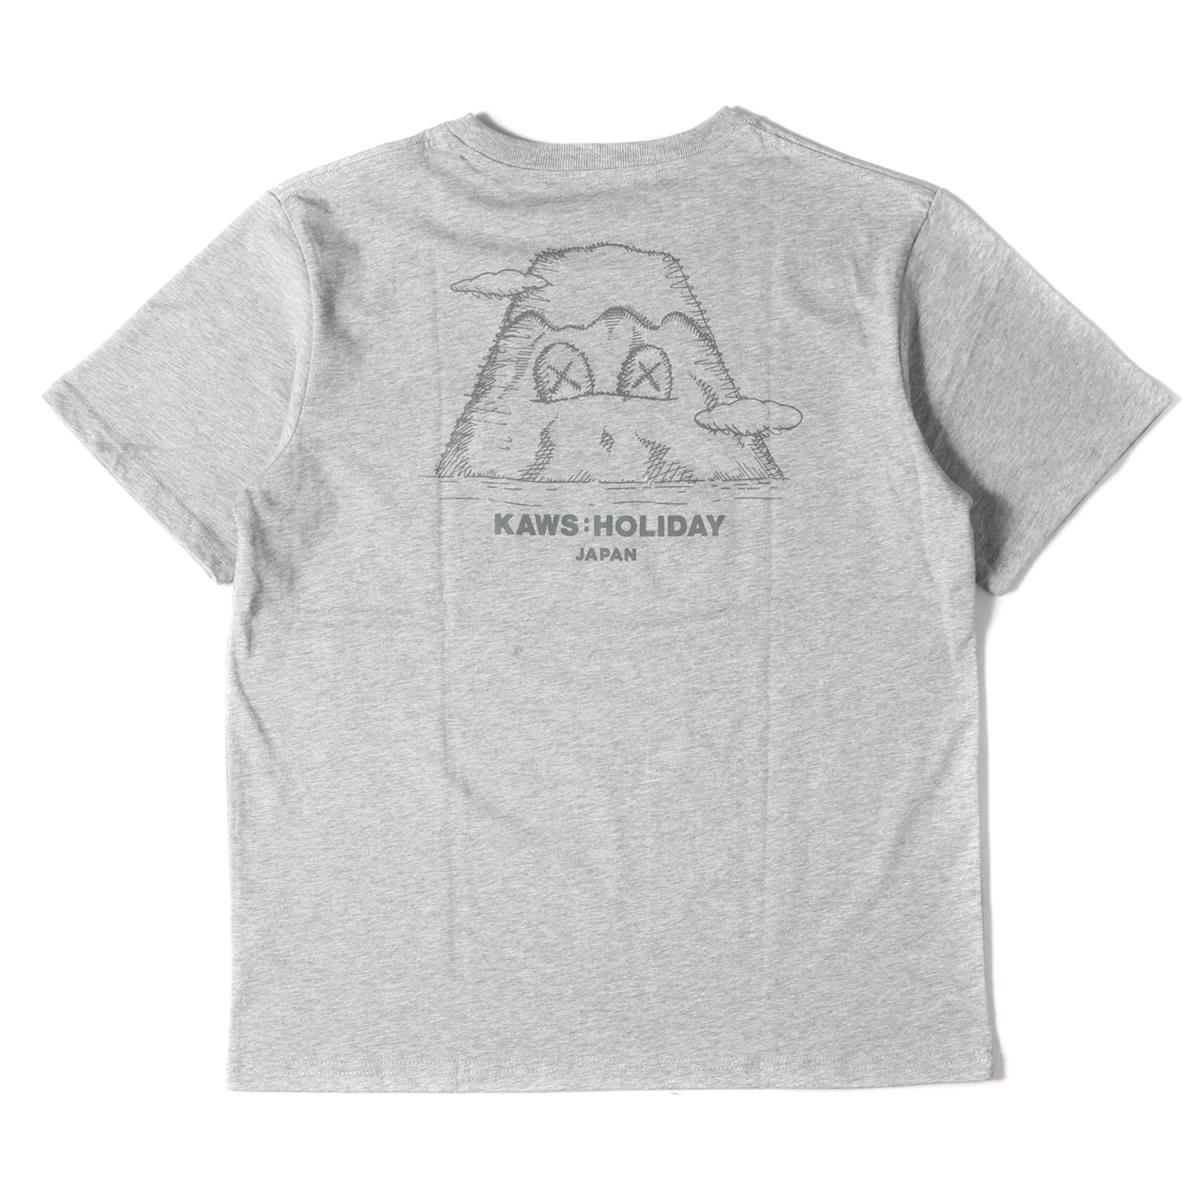 トップス, Tシャツ・カットソー KAWS T KAWS HOLIDAY JAPAN T L K2686